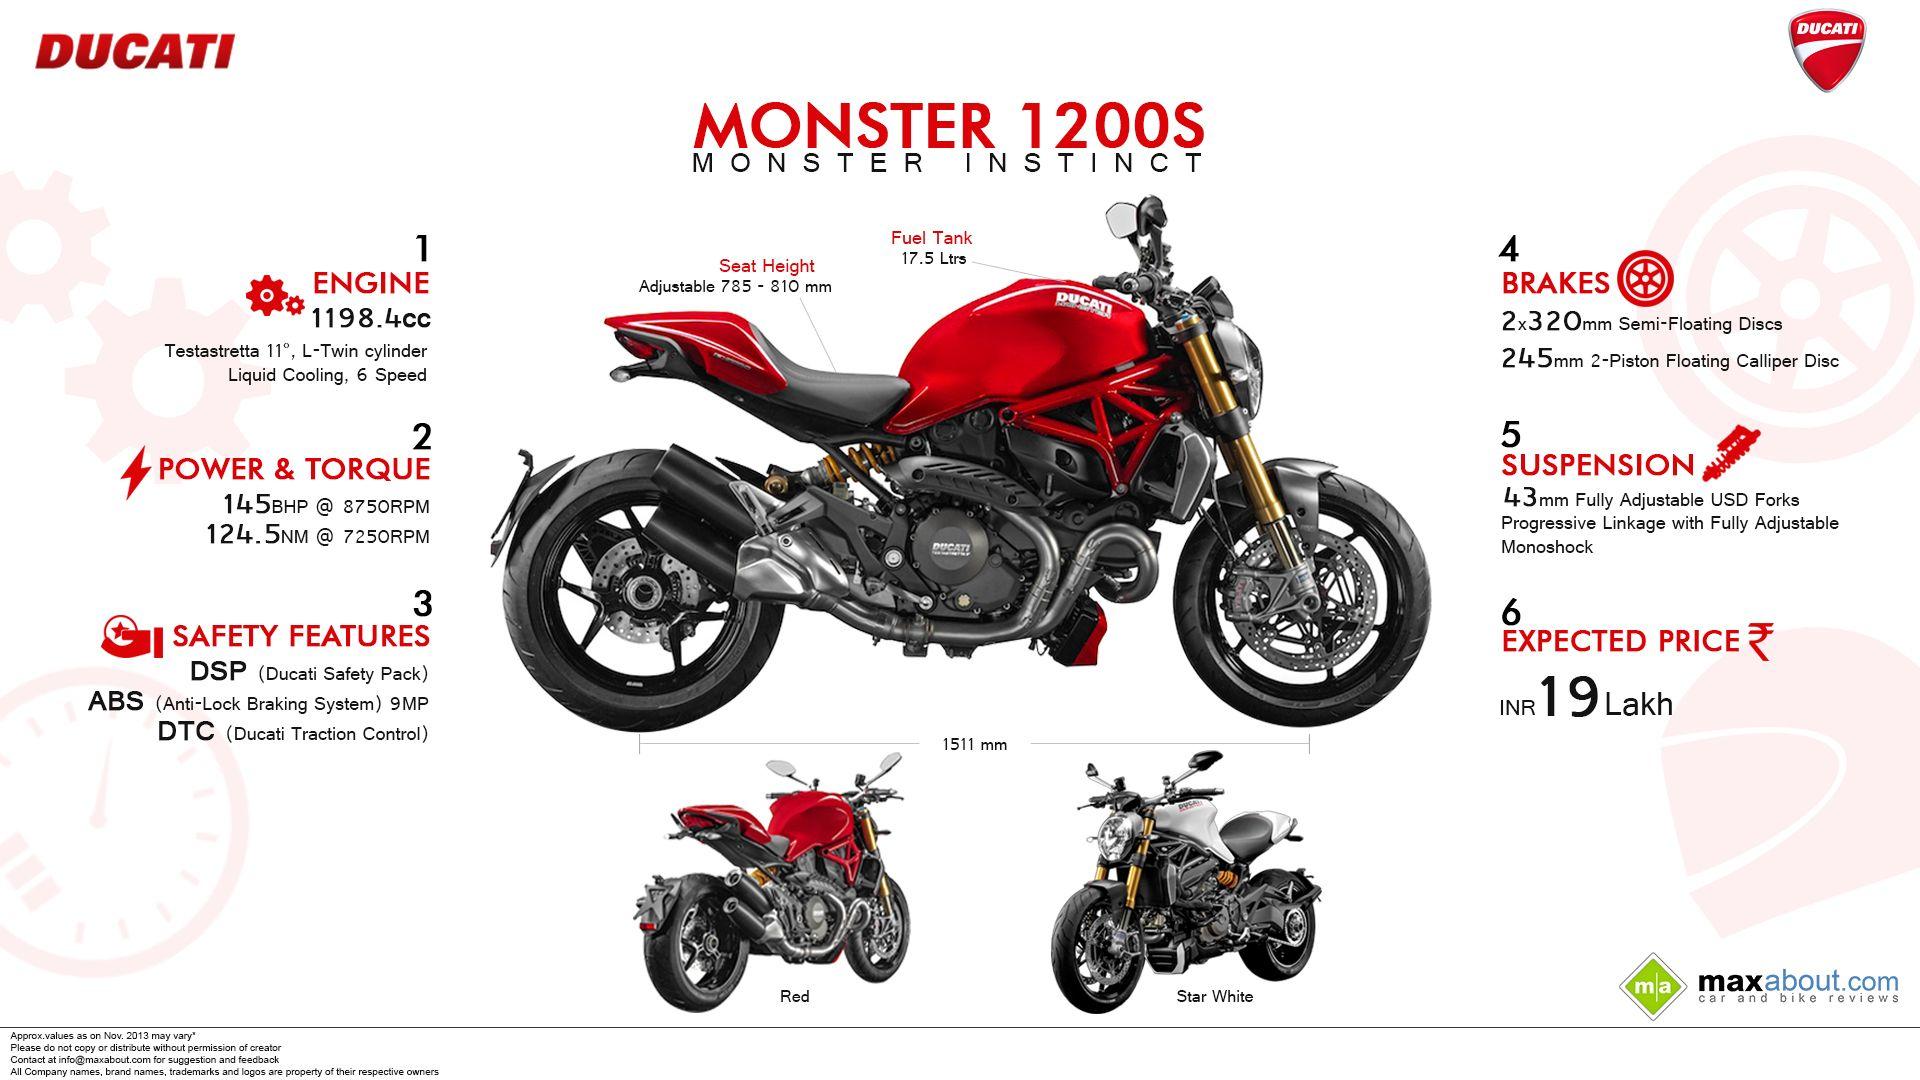 Ducati Monster 1200s Full Hd Wallpaper Monster Instinct Ducati